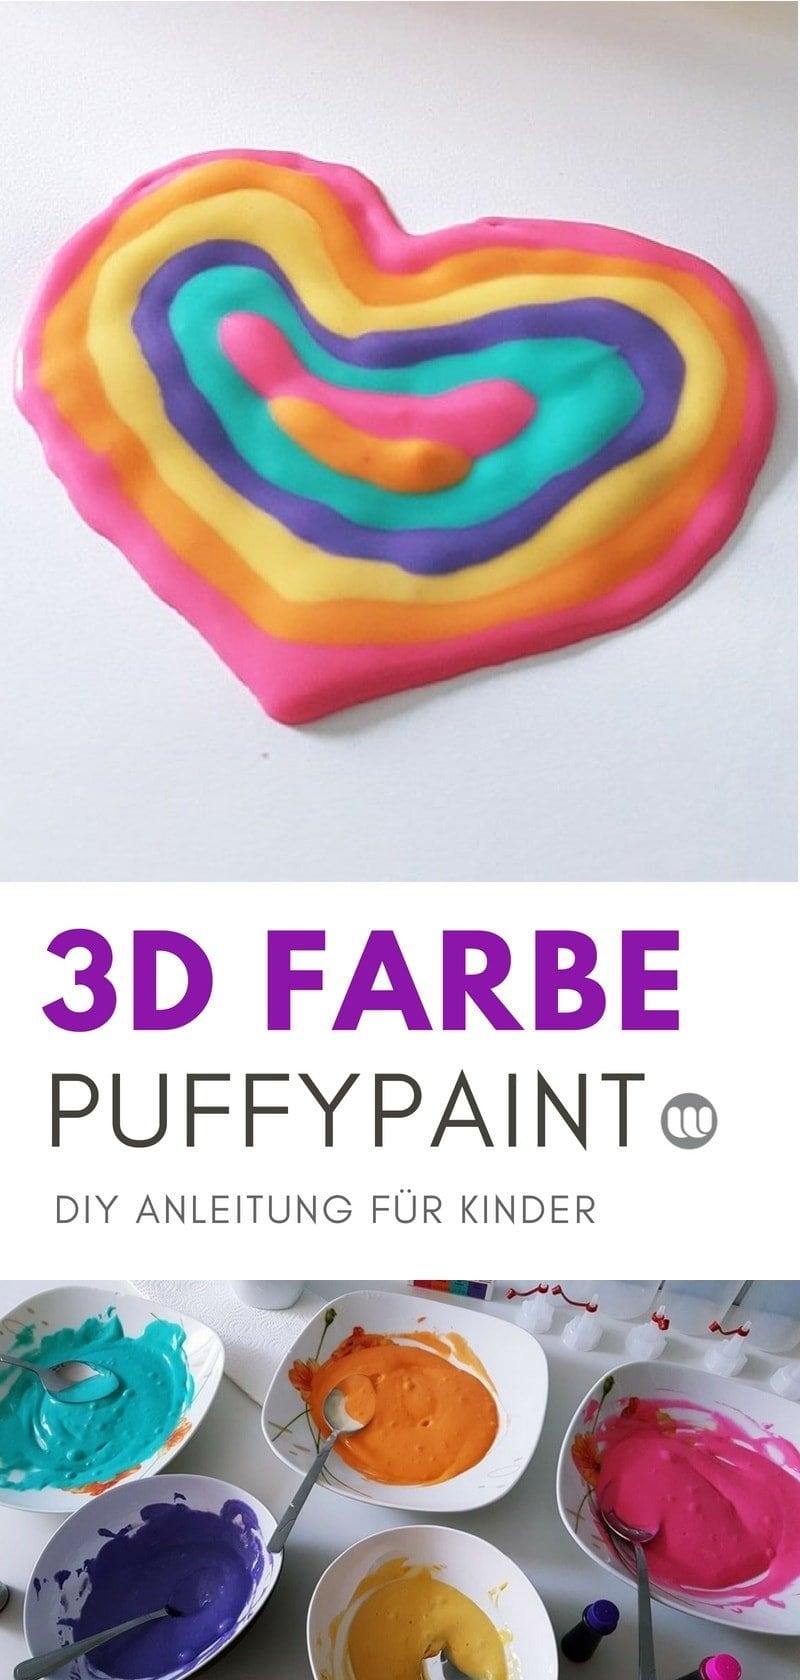 Plusterfarbe selber machen: günstig, schnell, einfach! Puffy Farbe DIY Anleitung für Kinder. Nach 30 Sekunden Trocknen hältst du dein 3D Bild in den Händen.